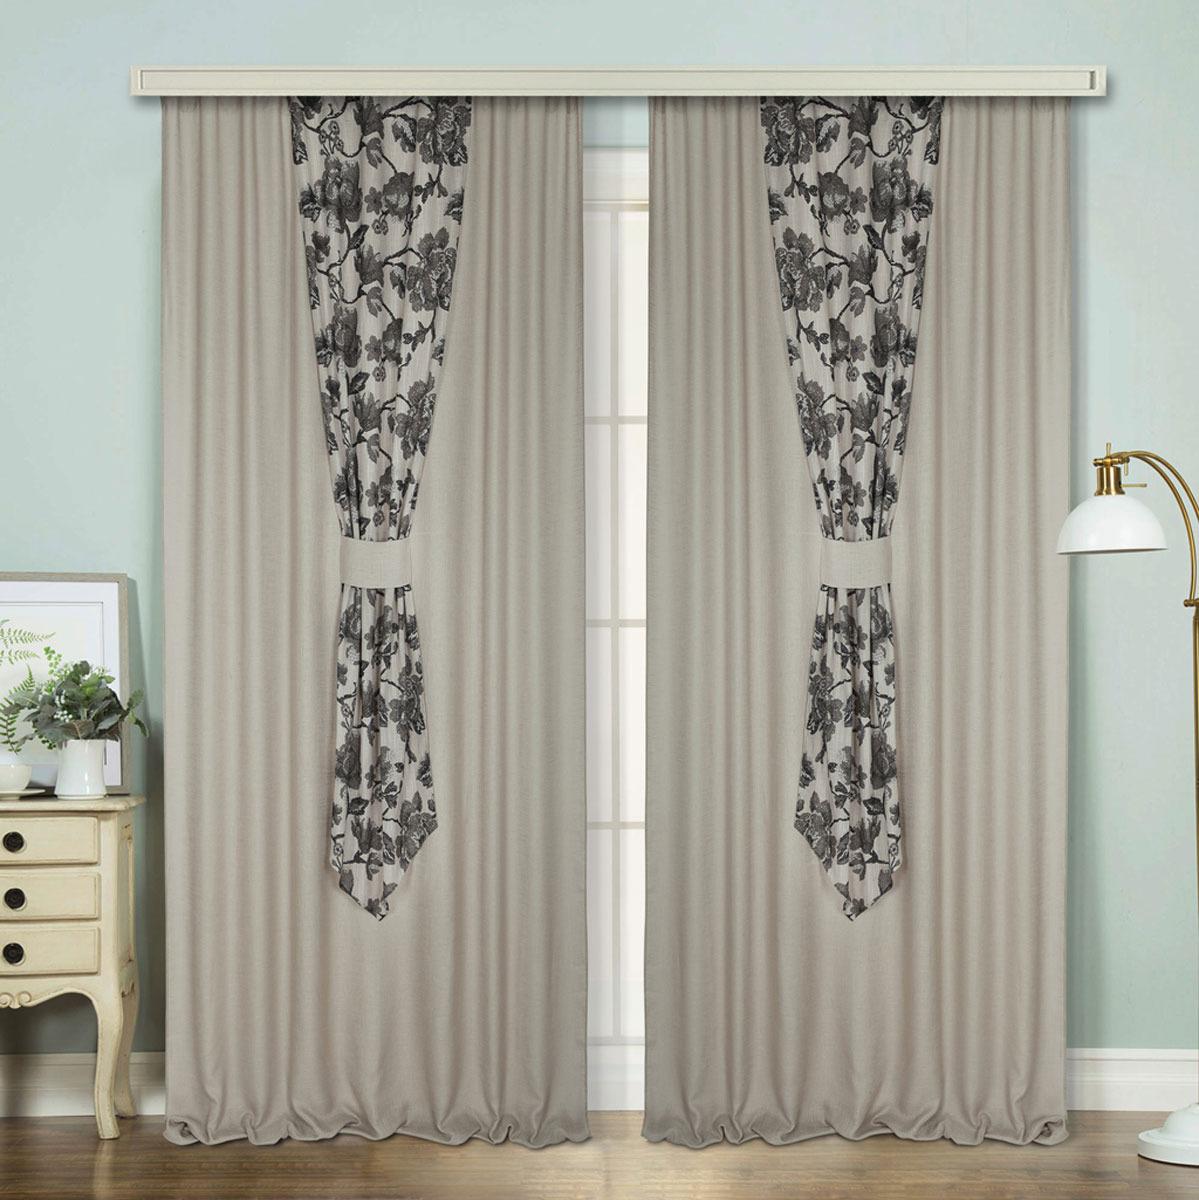 Комплект штор ТД Текстиль Престиж, на ленте, цвет: коричневый, 200 х 280 см, 2 шт чехол на изголовье кровати из стиранного льна mereson